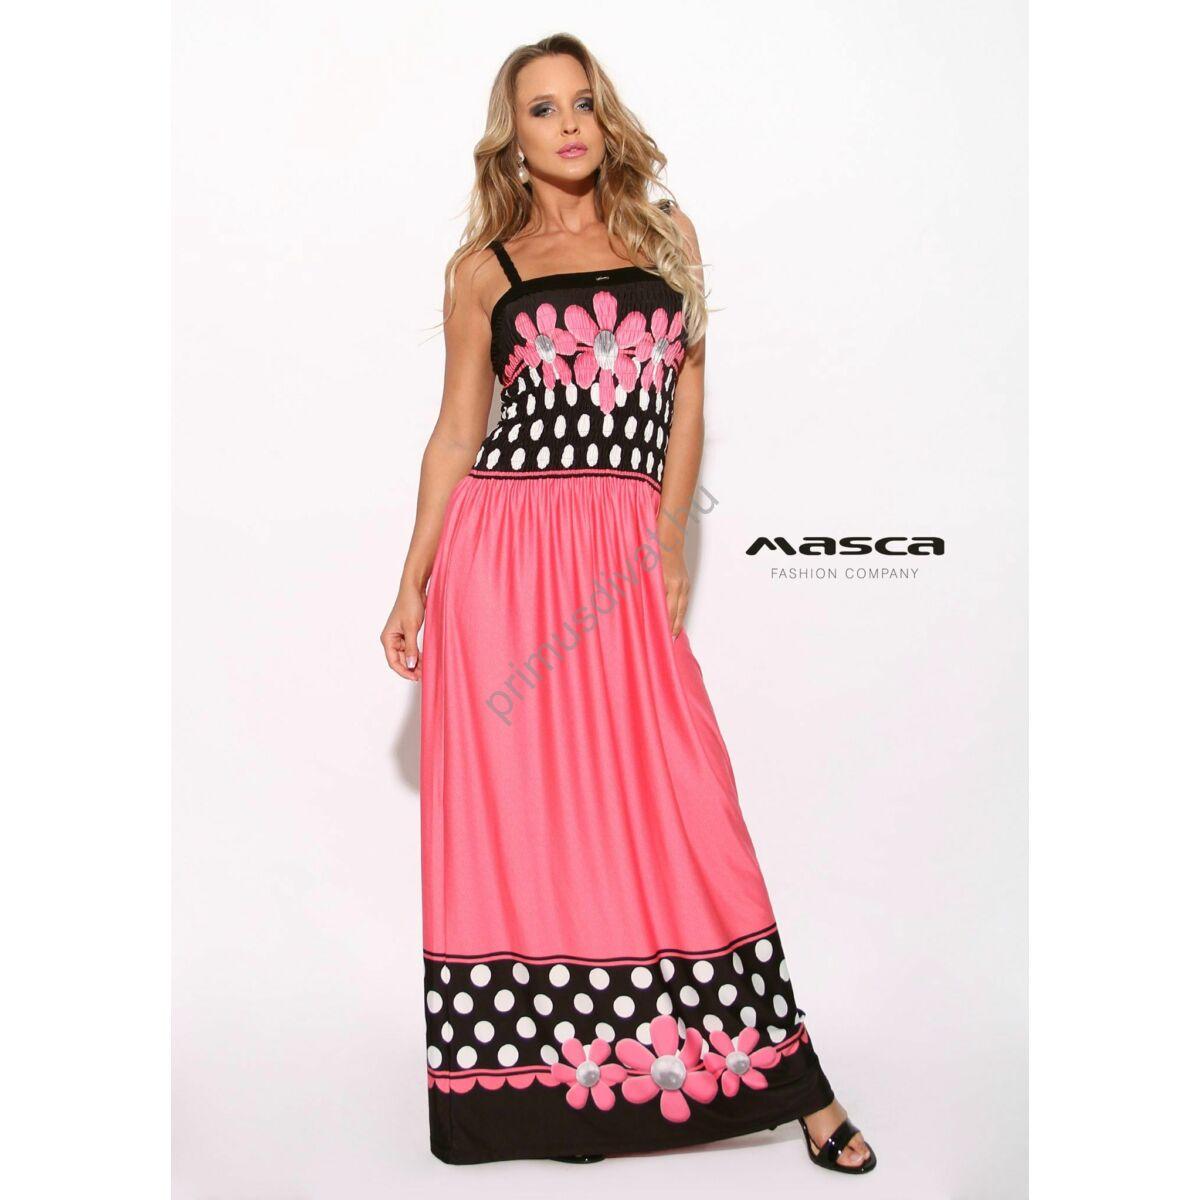 26dd658941 Kép 1/1 - Masca Fashion fonott pántos, gumírozott mellrészű pink-fekete maxi  ruha pöttyökkel, virágmotívummal